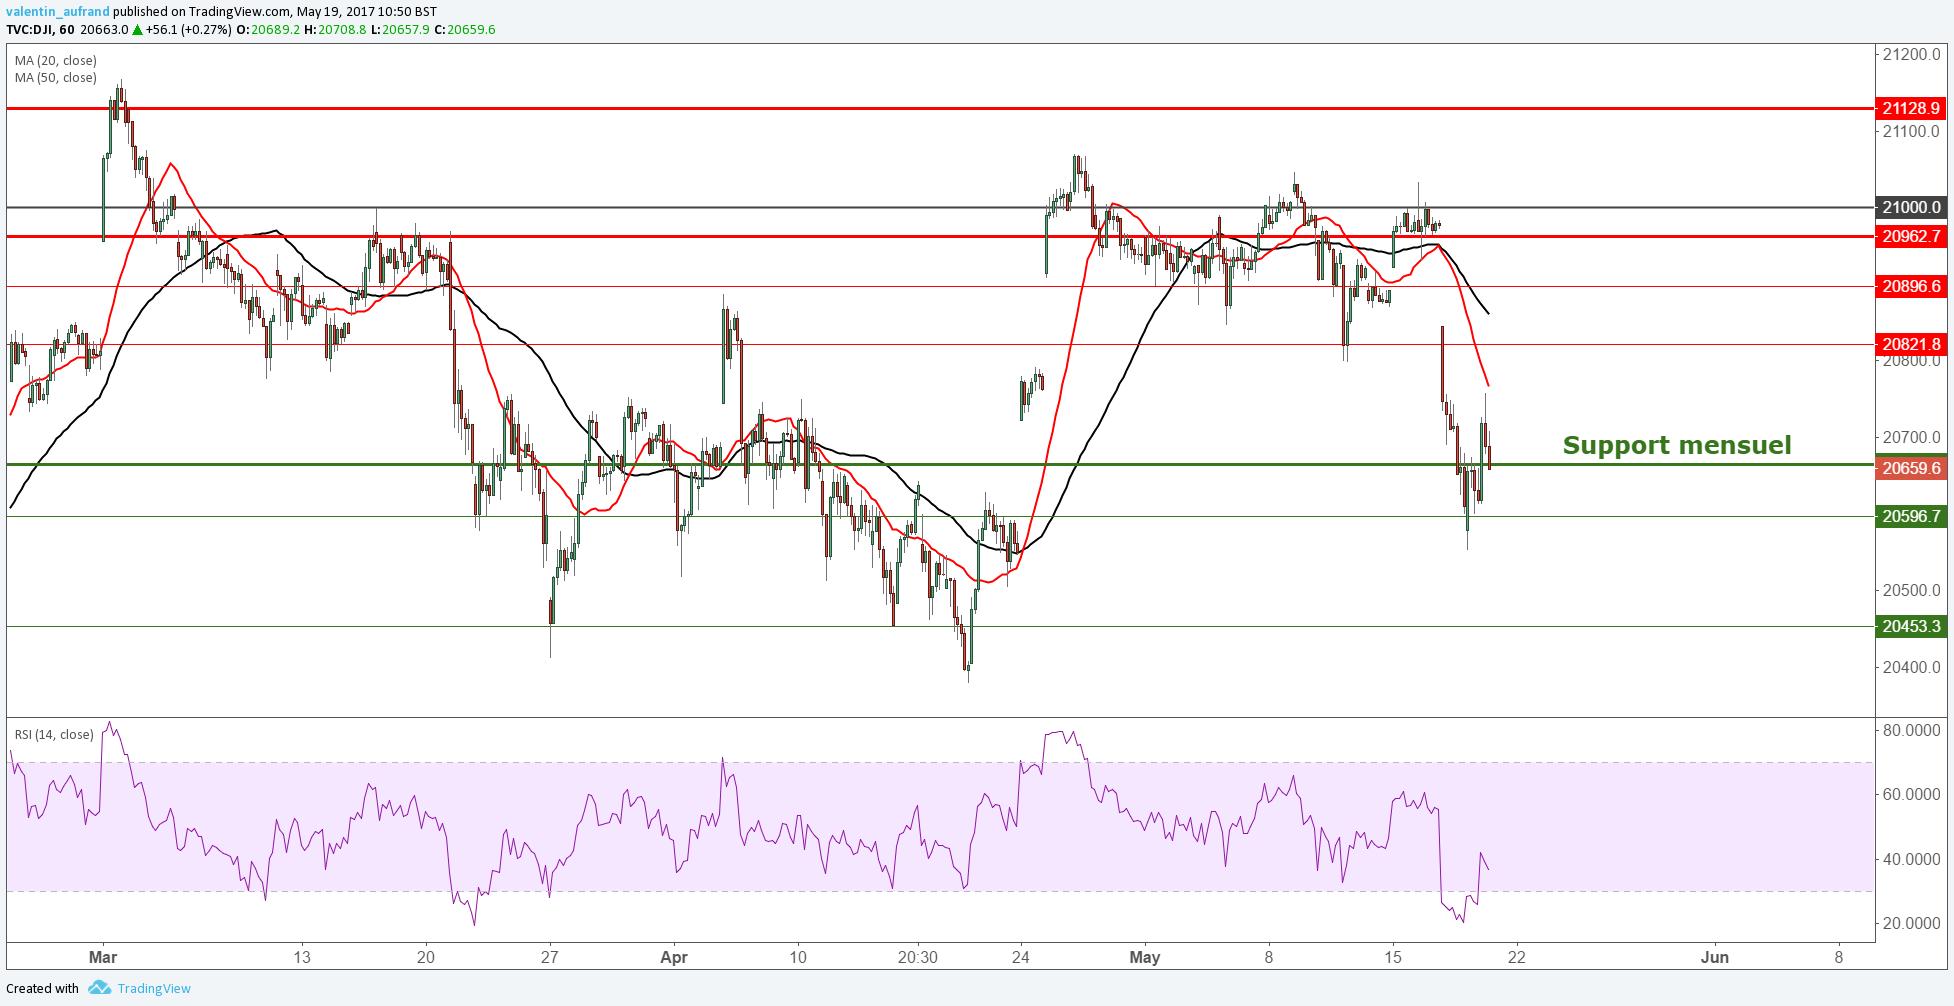 Dow Jones : Les indices de Wall Street sur leurs supports mensuels